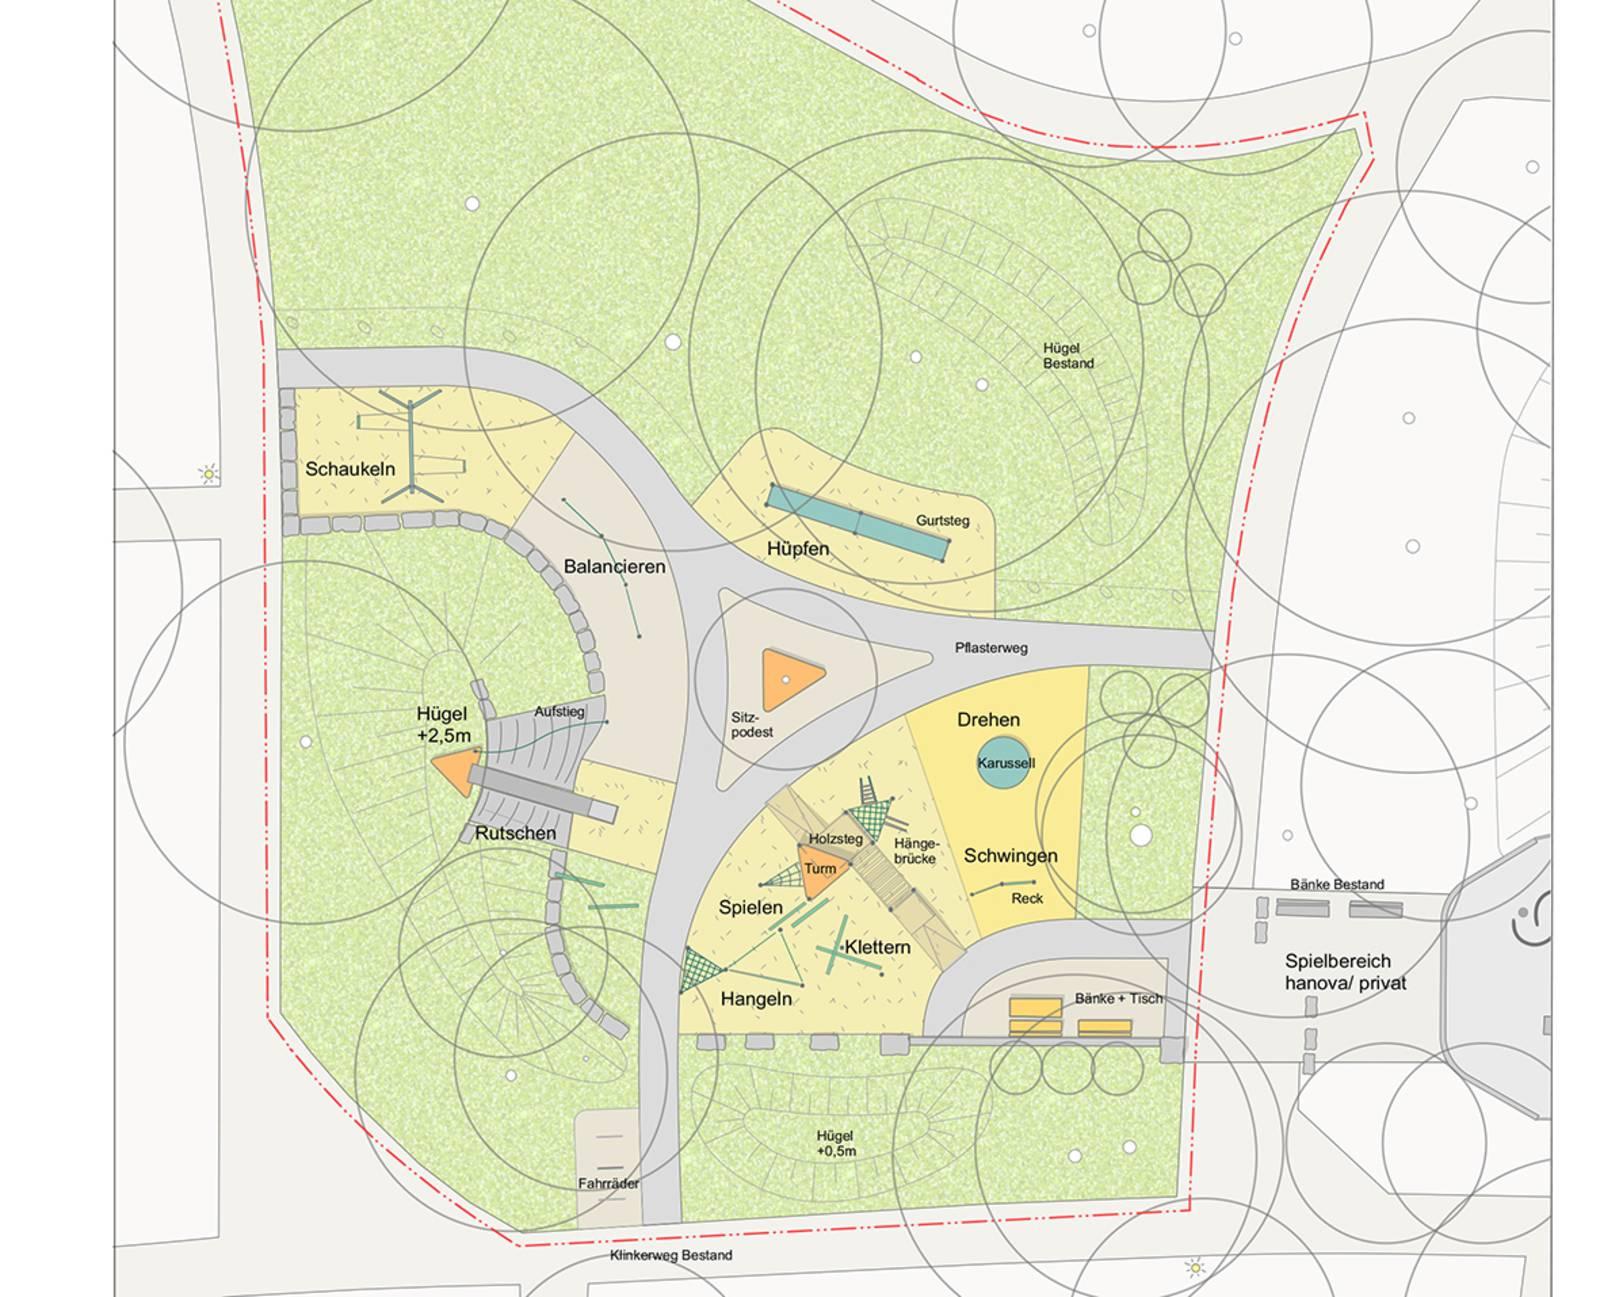 Bauplan des neuen Spielplatzes. Auf ihm sind alle Spielgeräte, Bänke und Flächen eingezeichnet.